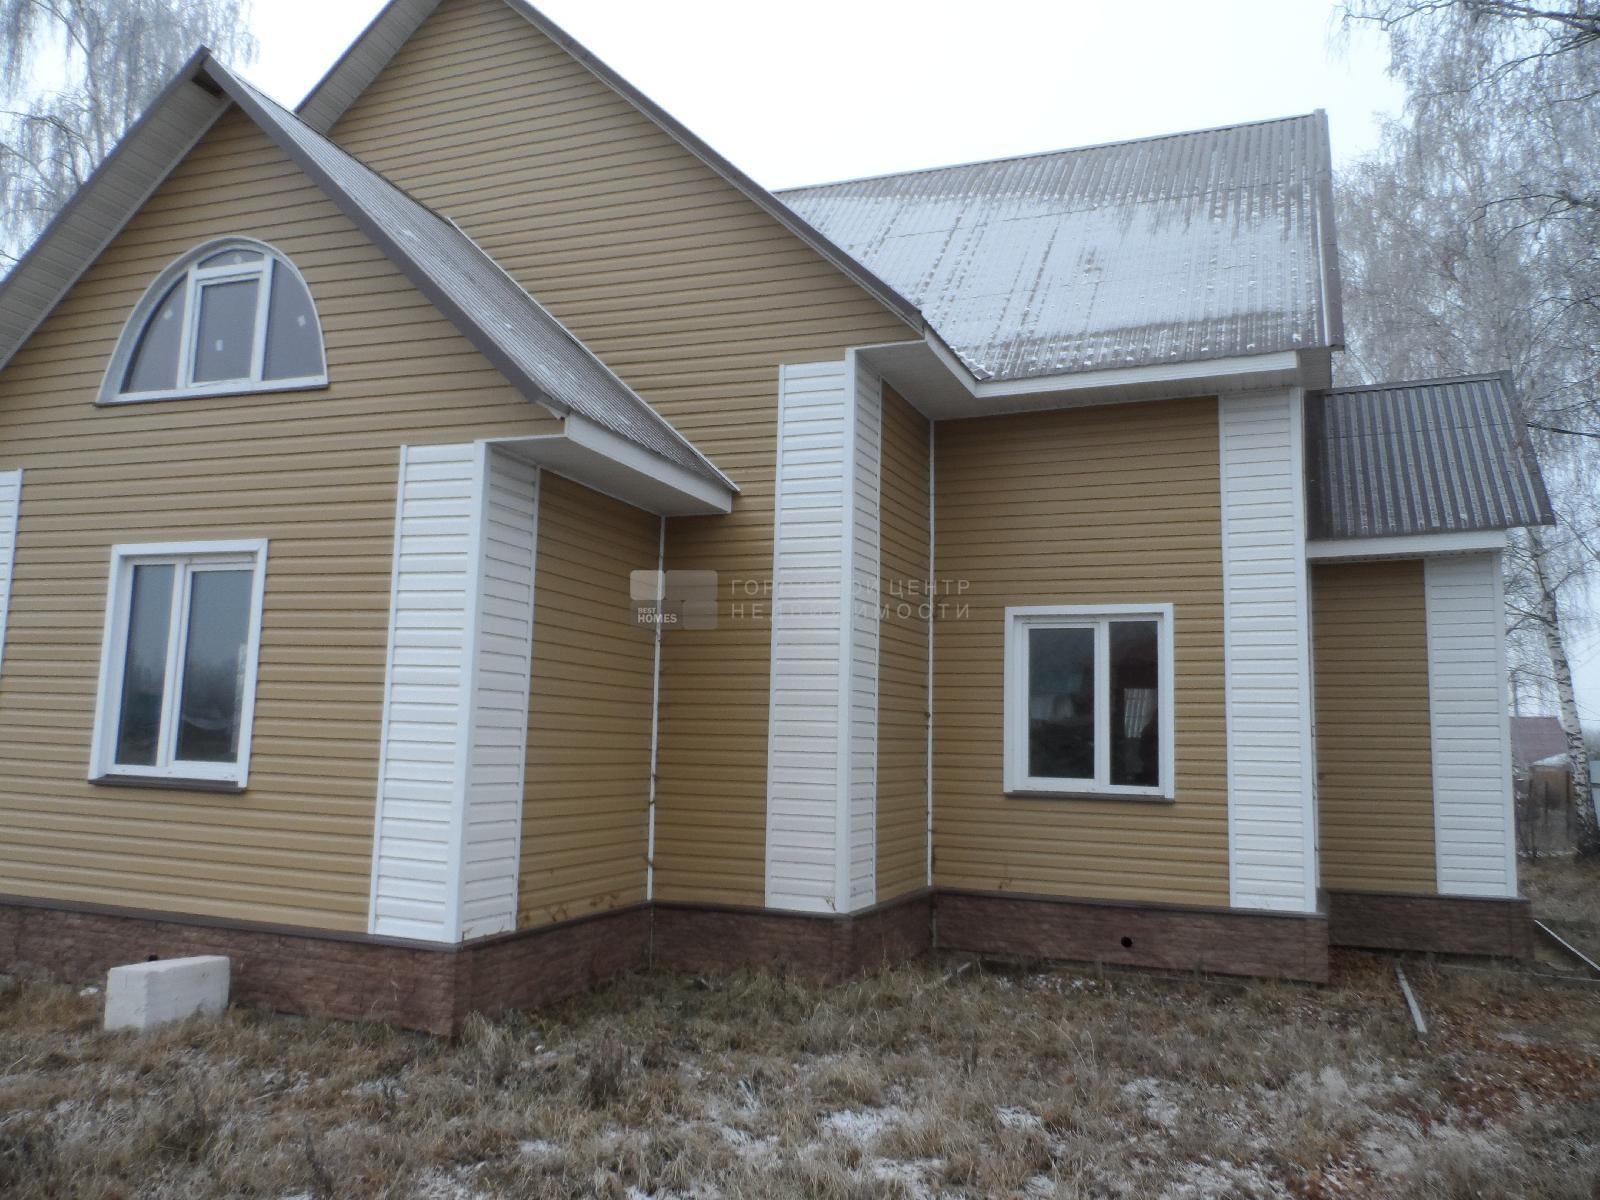 загородный дом в Московской области (Подмосковье), продажа по цене 3 700 000 руб